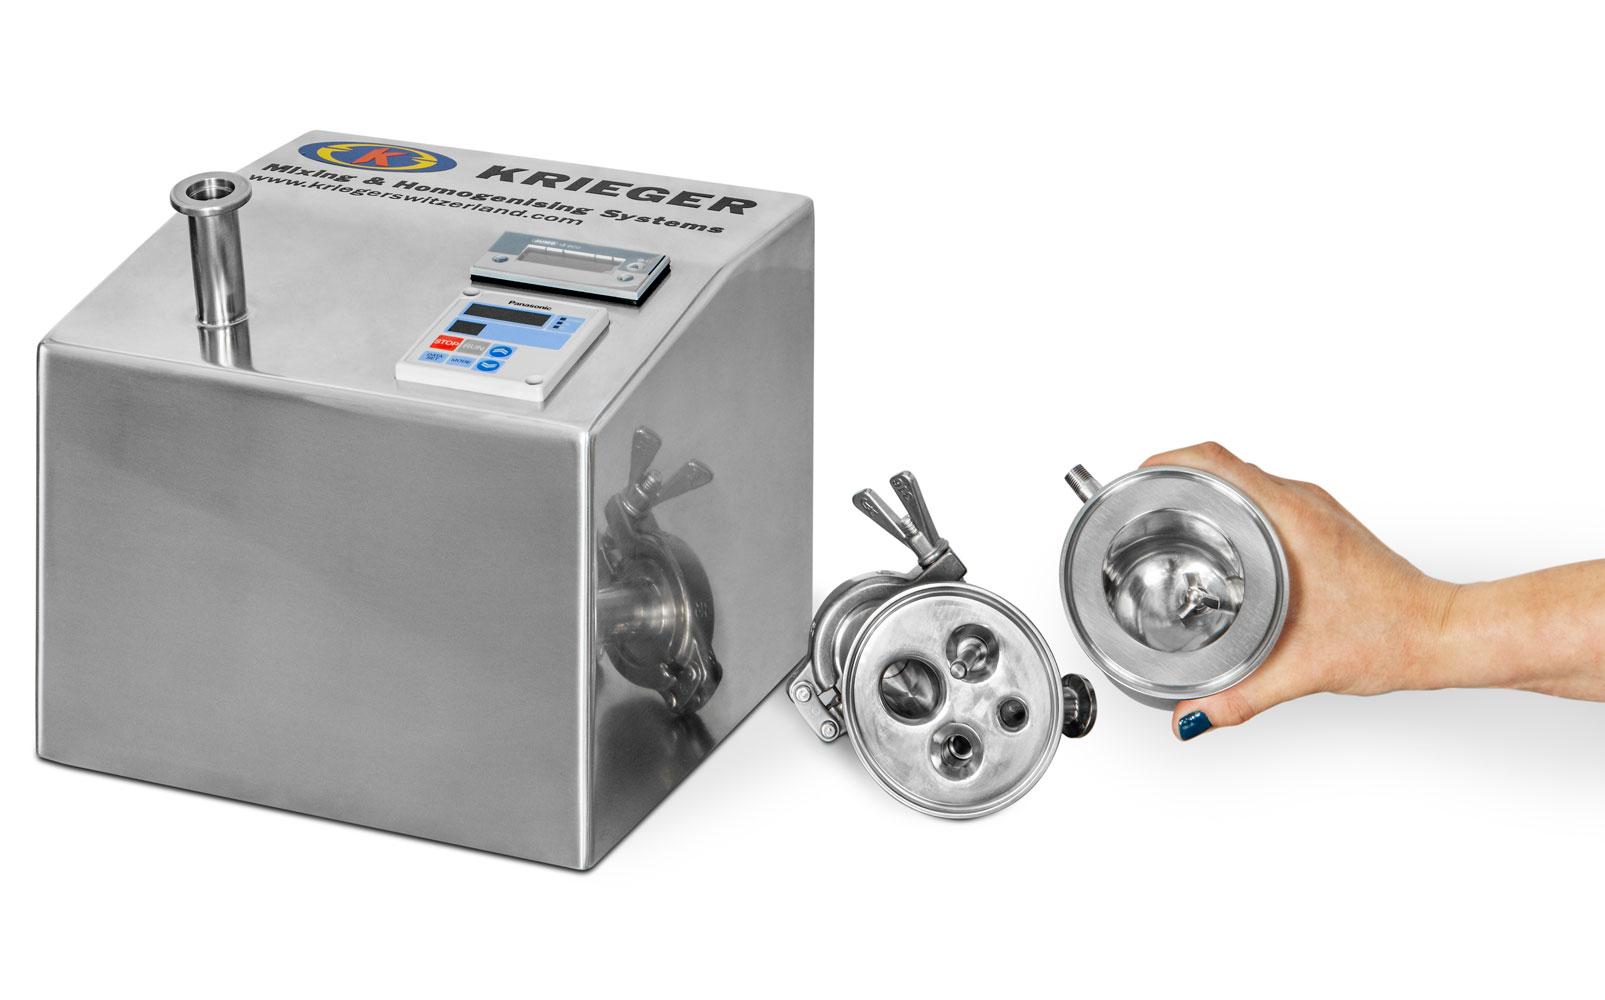 Biologics Micro Mixer 0.1 Krieger Switzerland